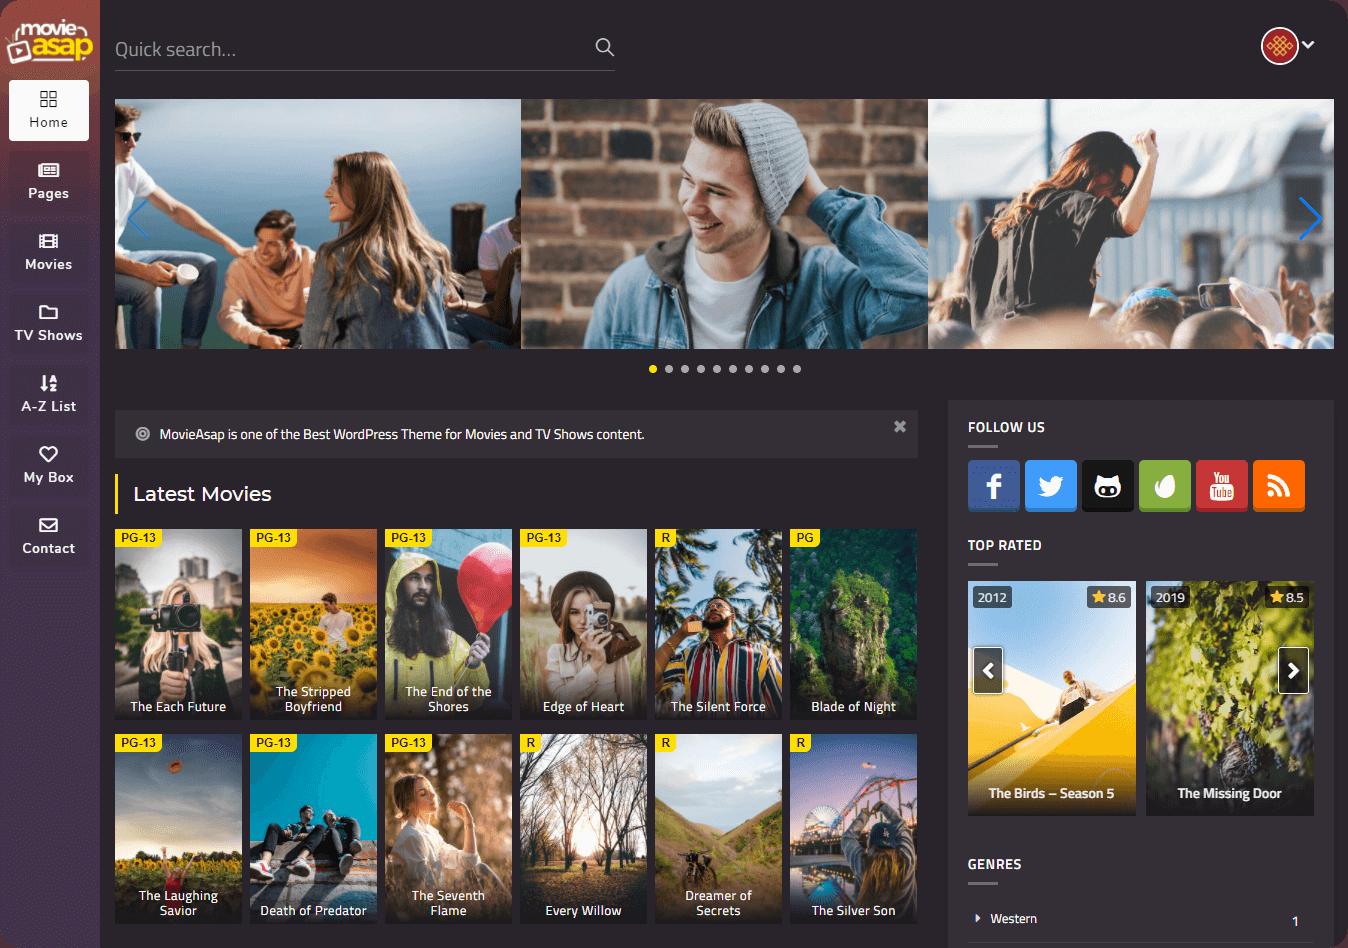 MovieAsap Modern Design